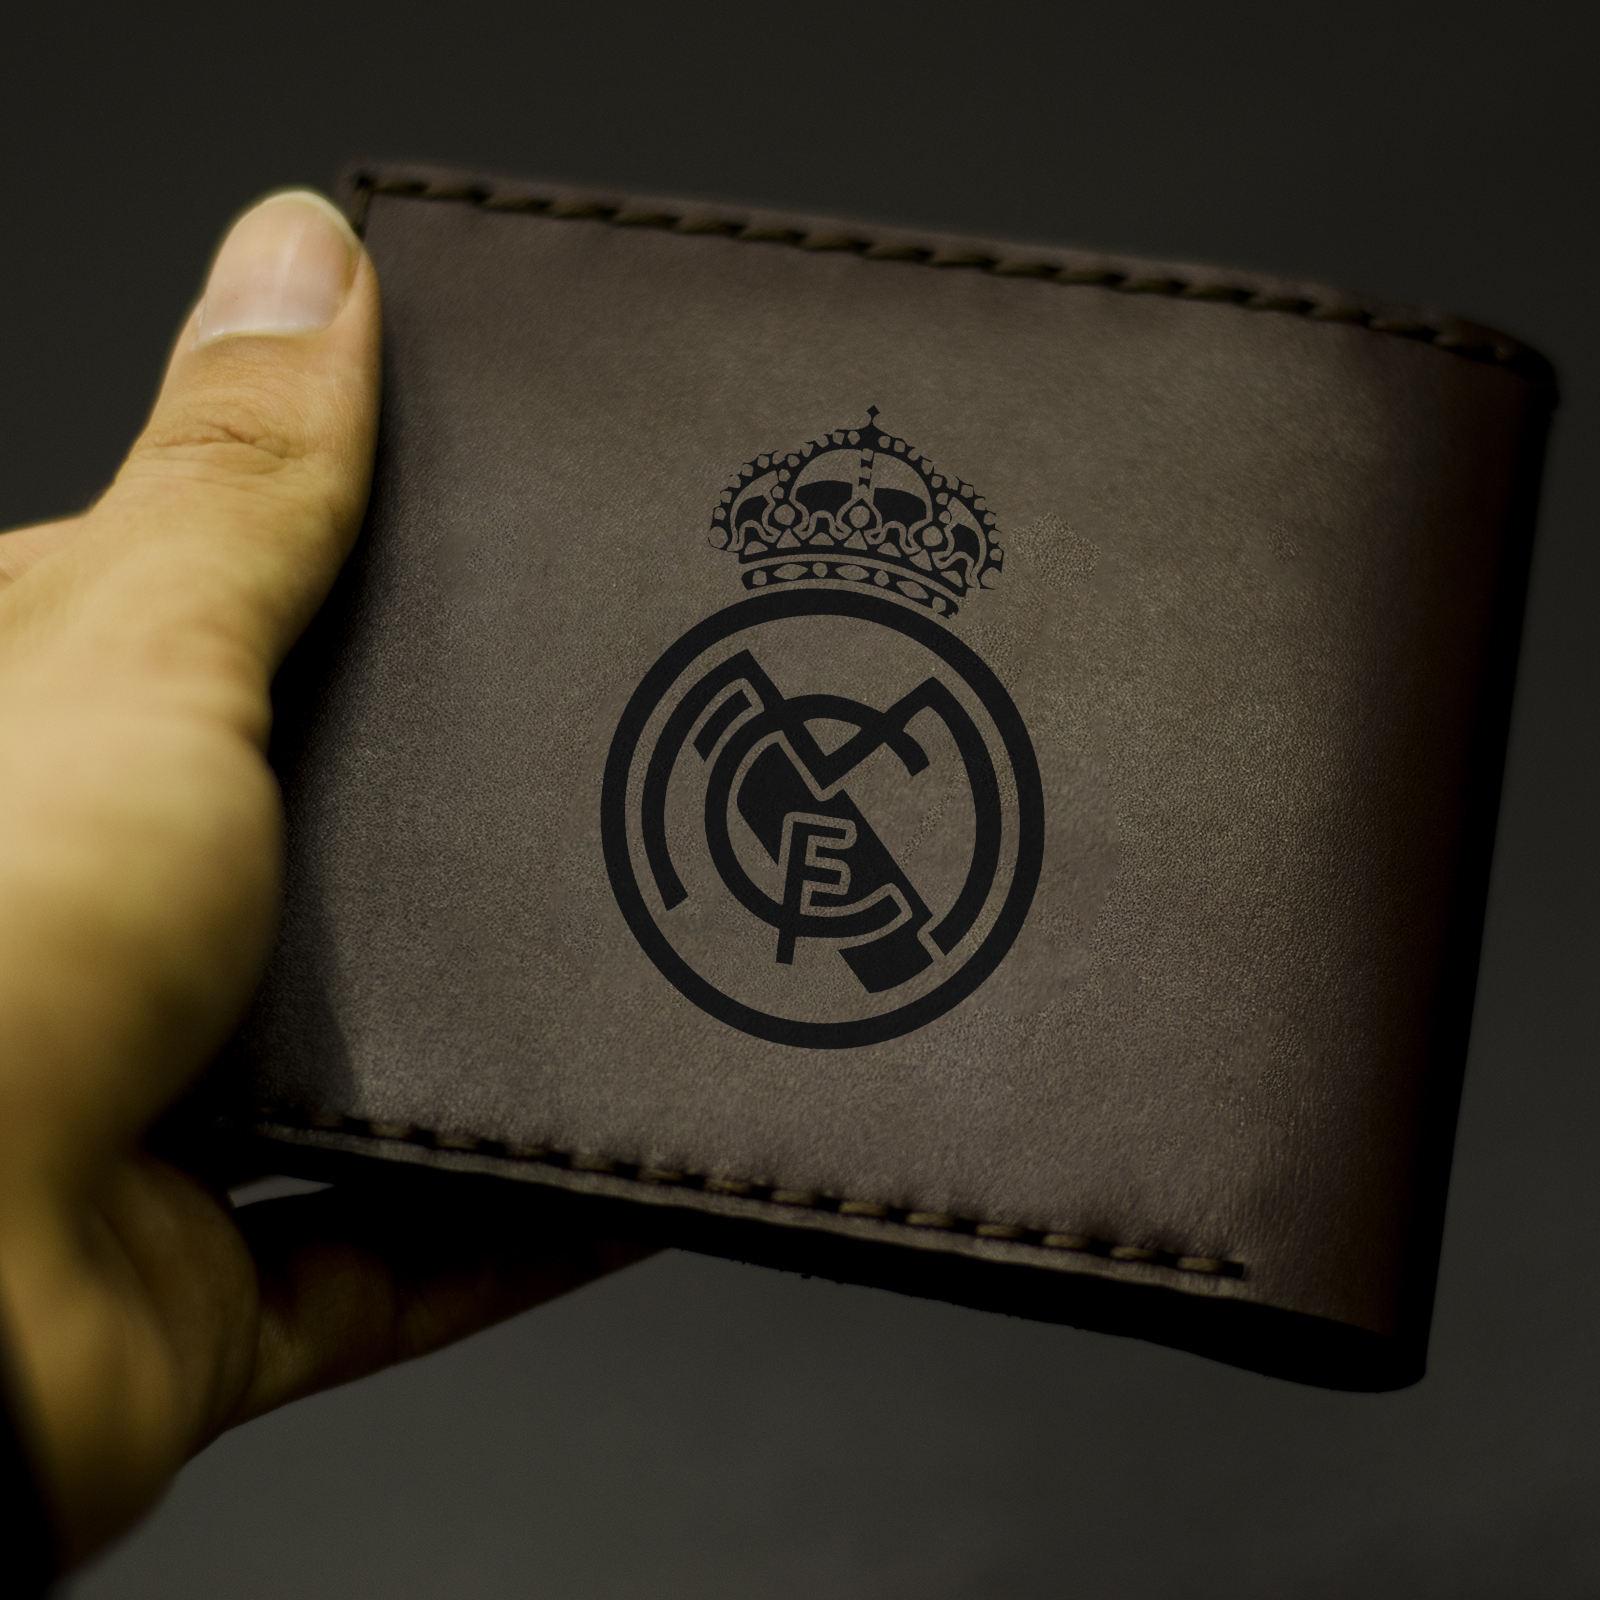 کیف پول چرمینه اسپرت طرح رئال مادرید کد 1007 -  - 2